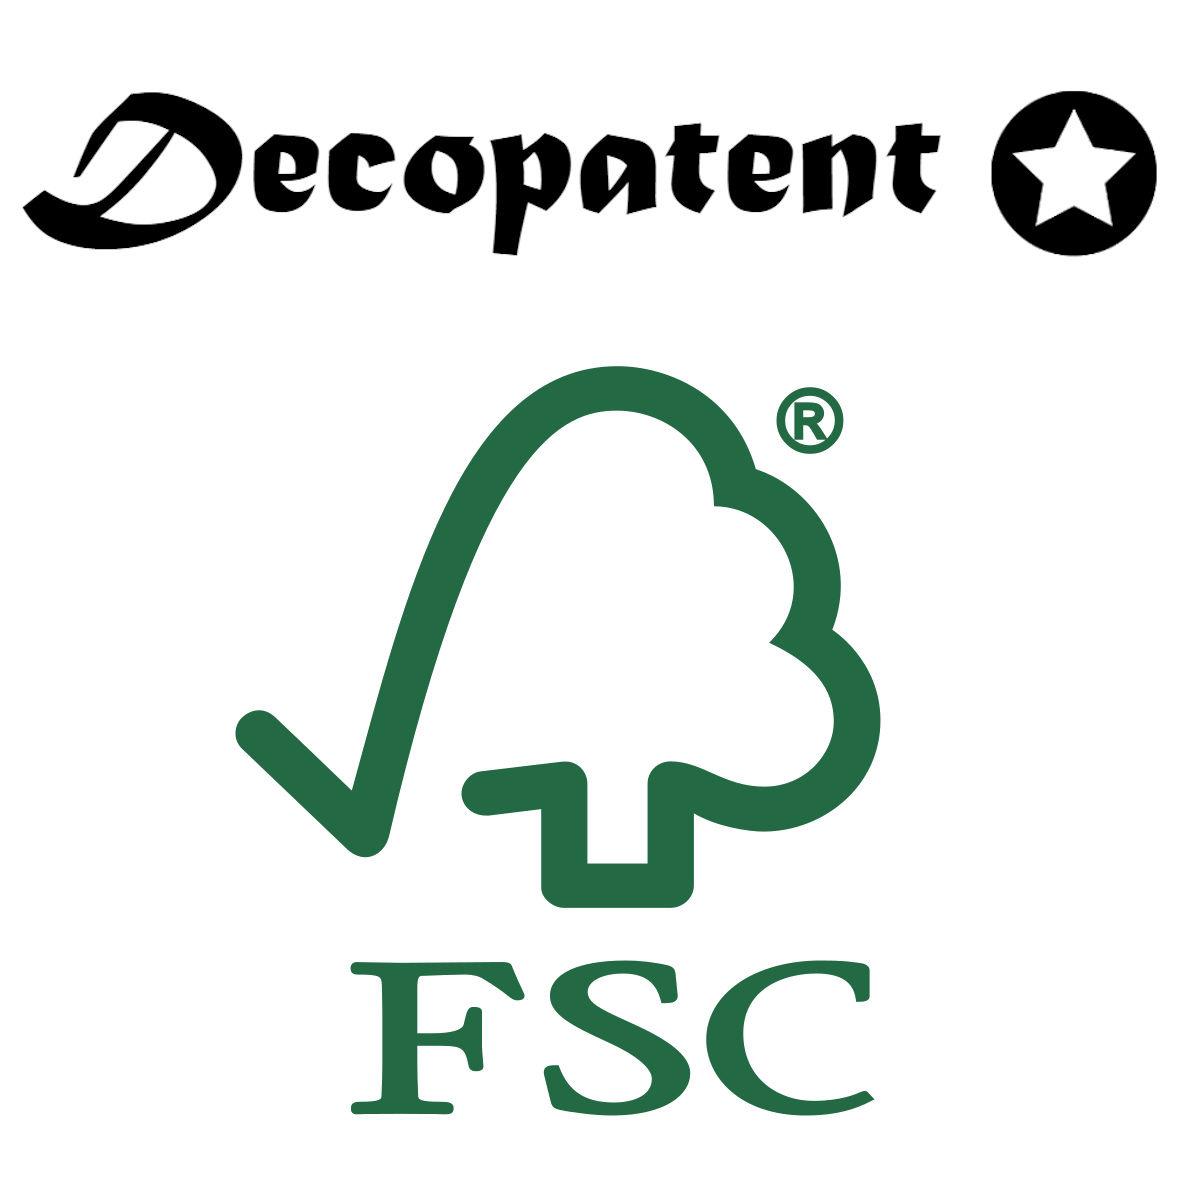 Decopatent® - Brengt het gezellige gevoel in elke Woonsituatie !.